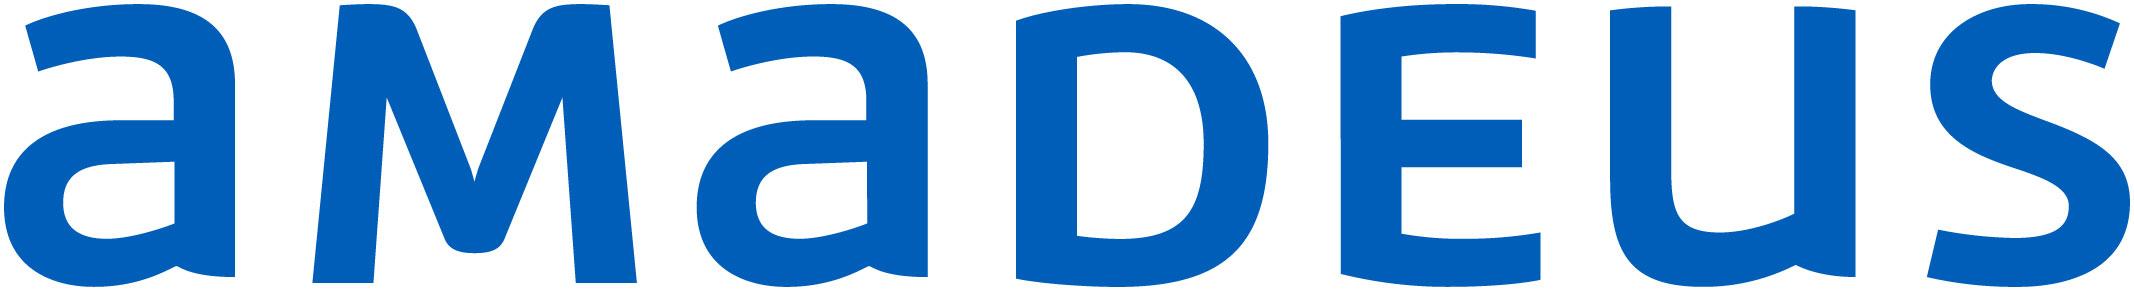 AMADEUS Brand logo site